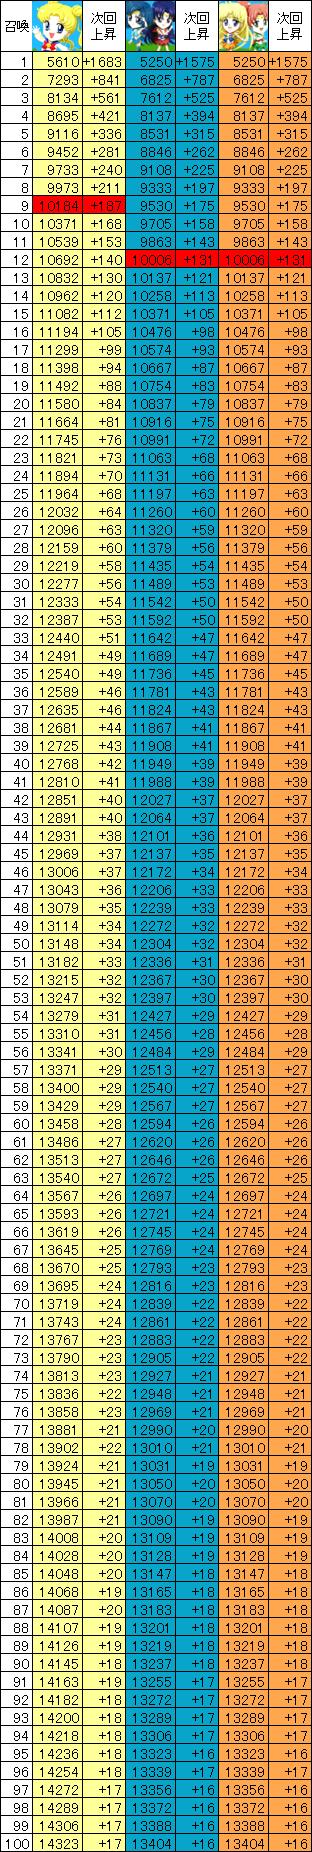 セーラームーンの召喚数ごとのパワー一覧